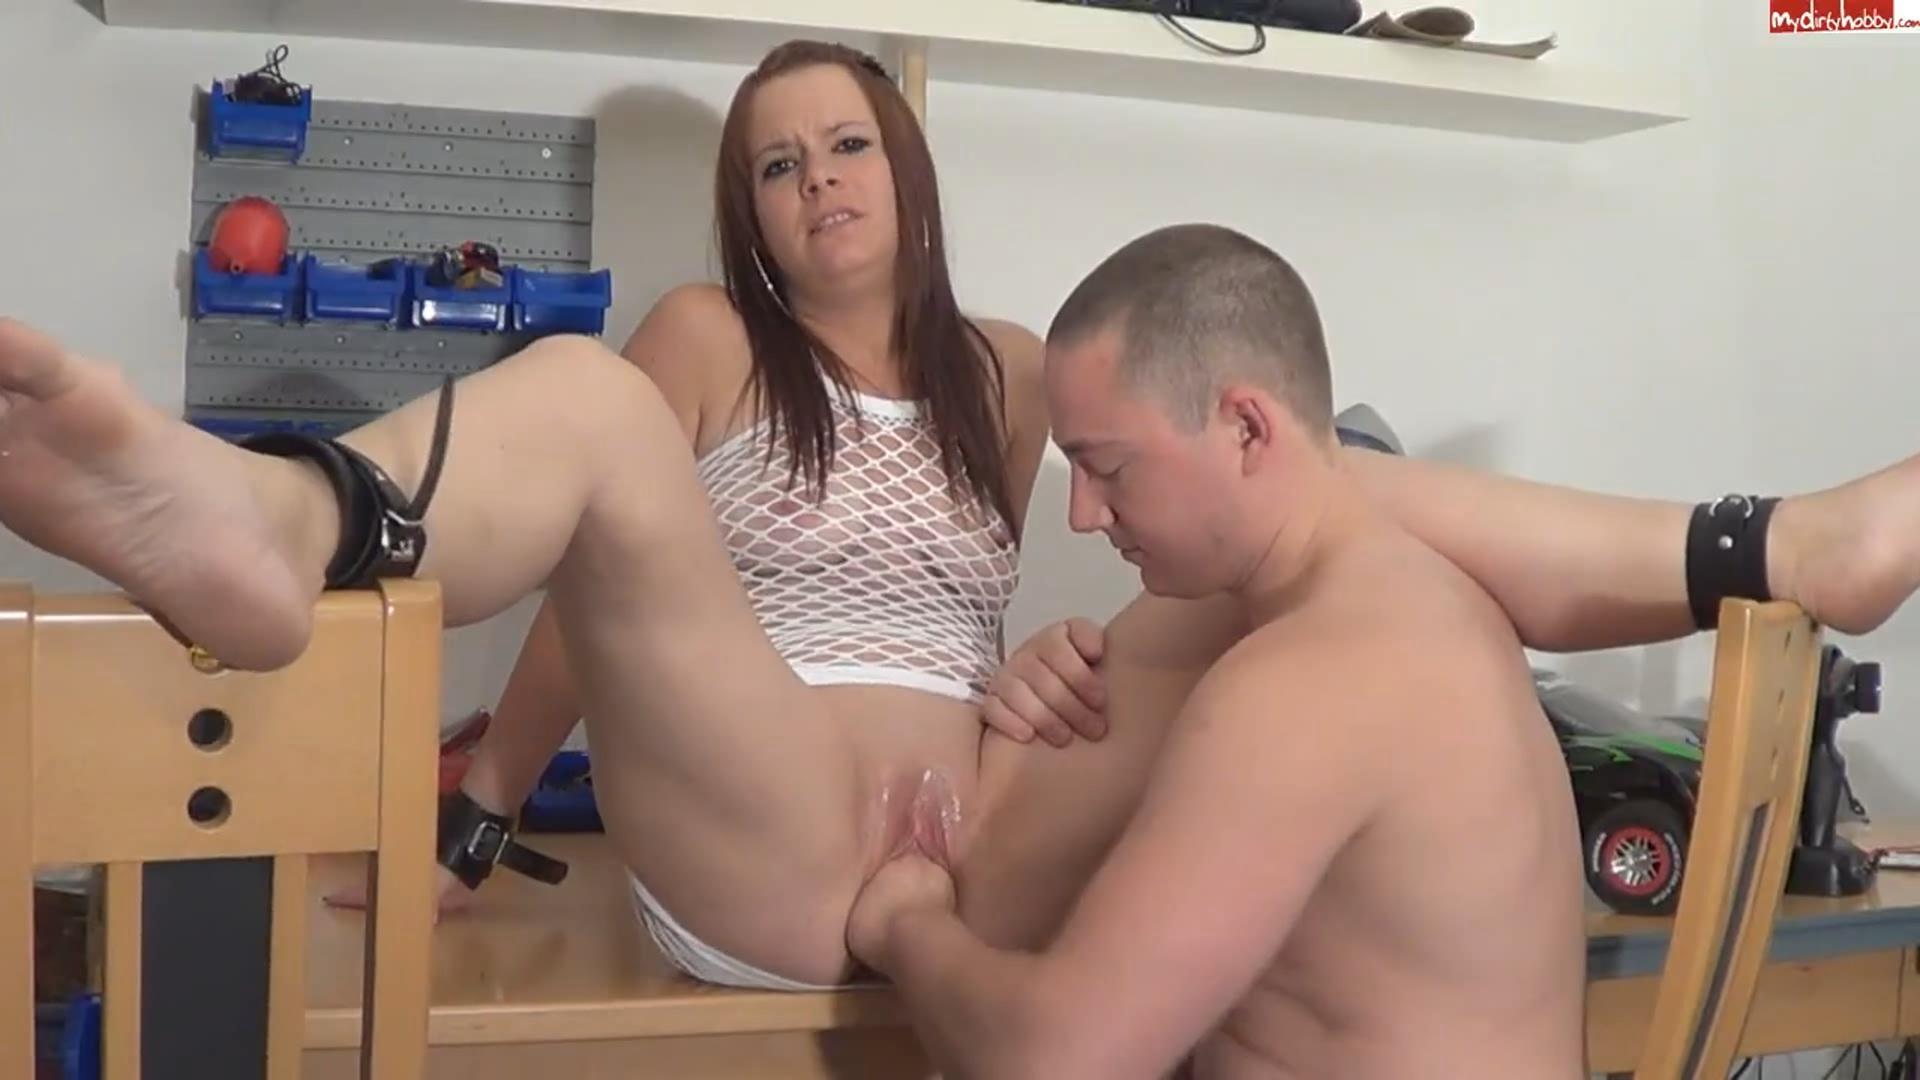 Porno blasen gif